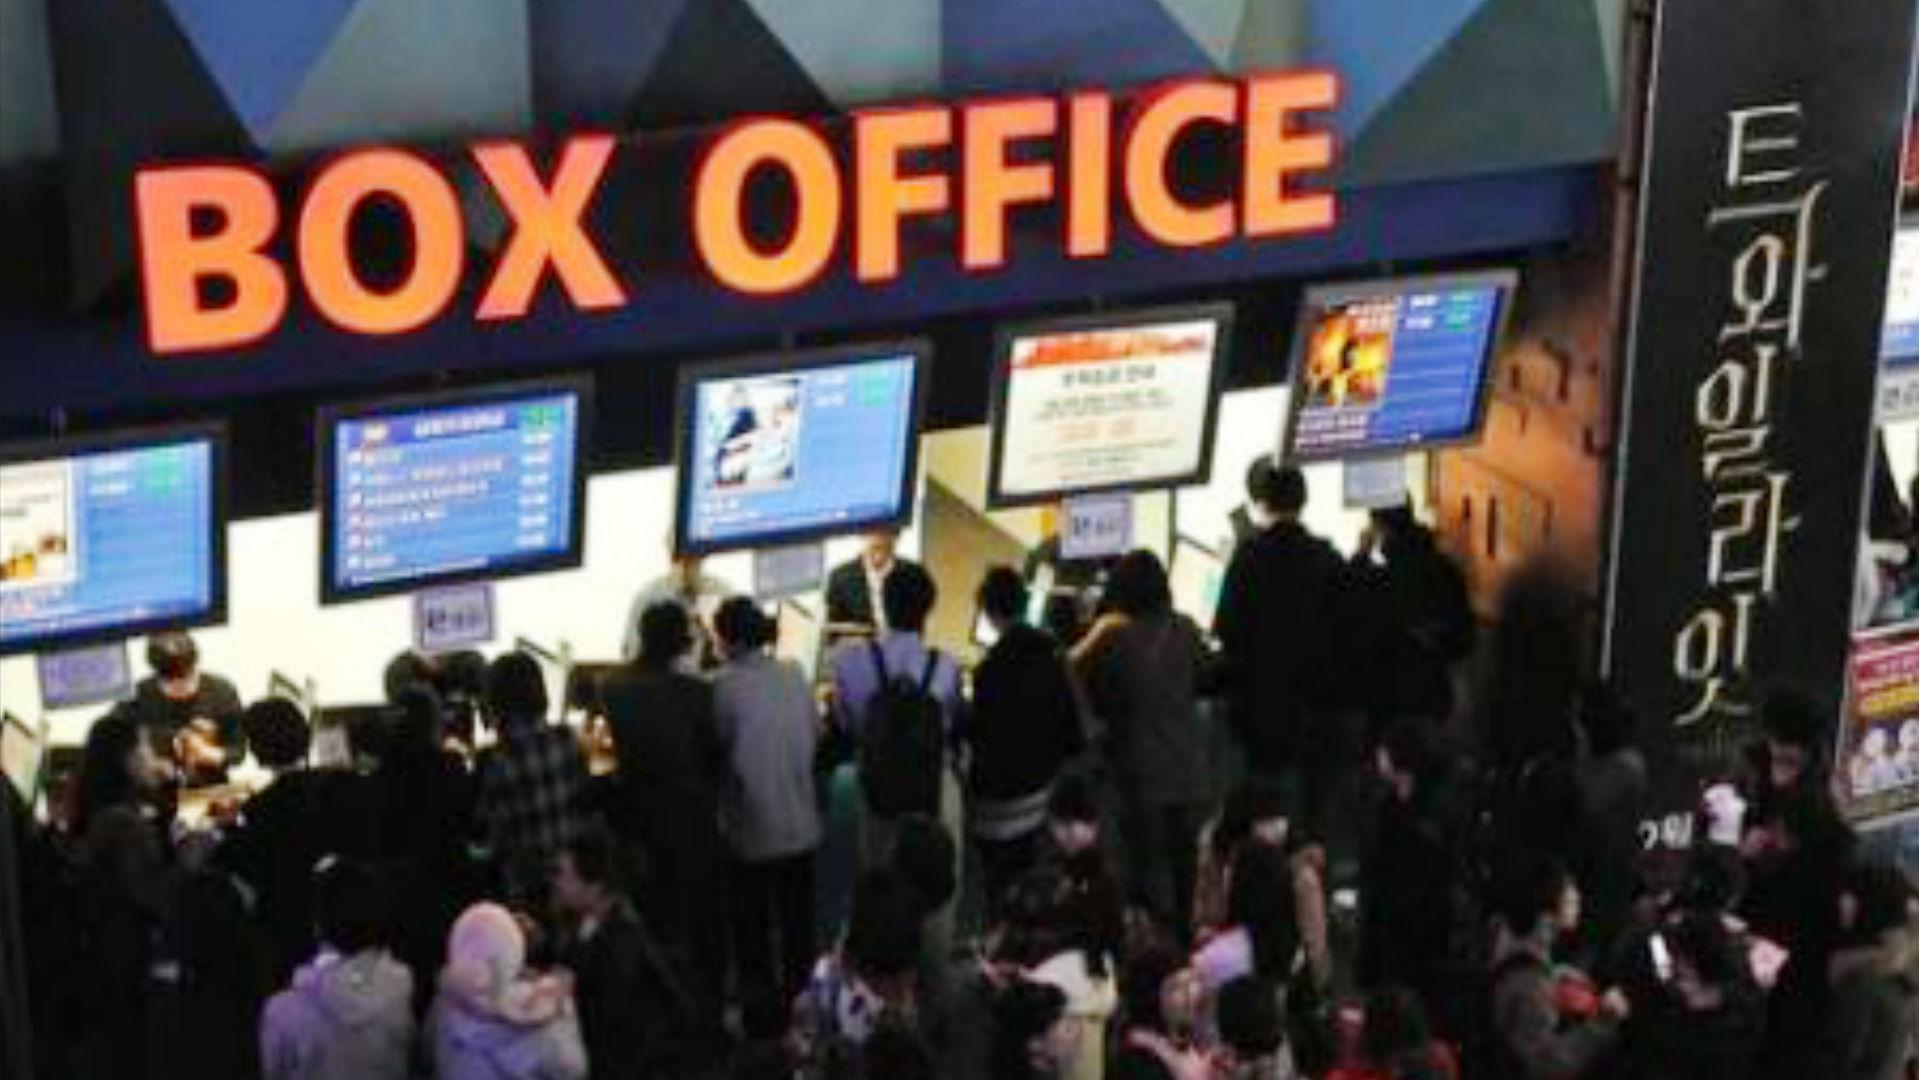 2019 की पहली तिमाही में रिलीज हुई इन 7 फिल्मों ने बॉक्स ऑफिस पर की पैसों की बारिश, कमाए 900 करोड़ रुपये